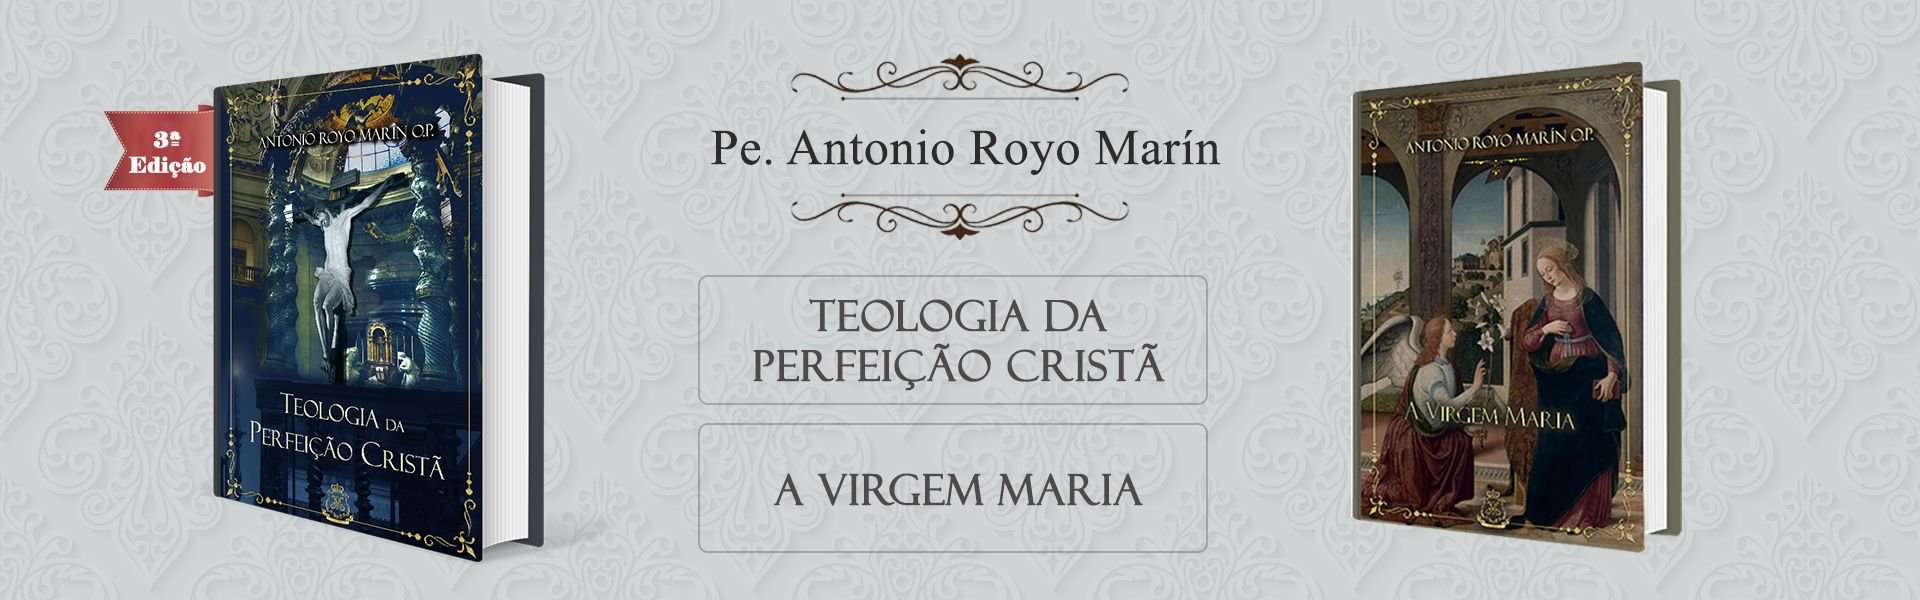 Royo Marin